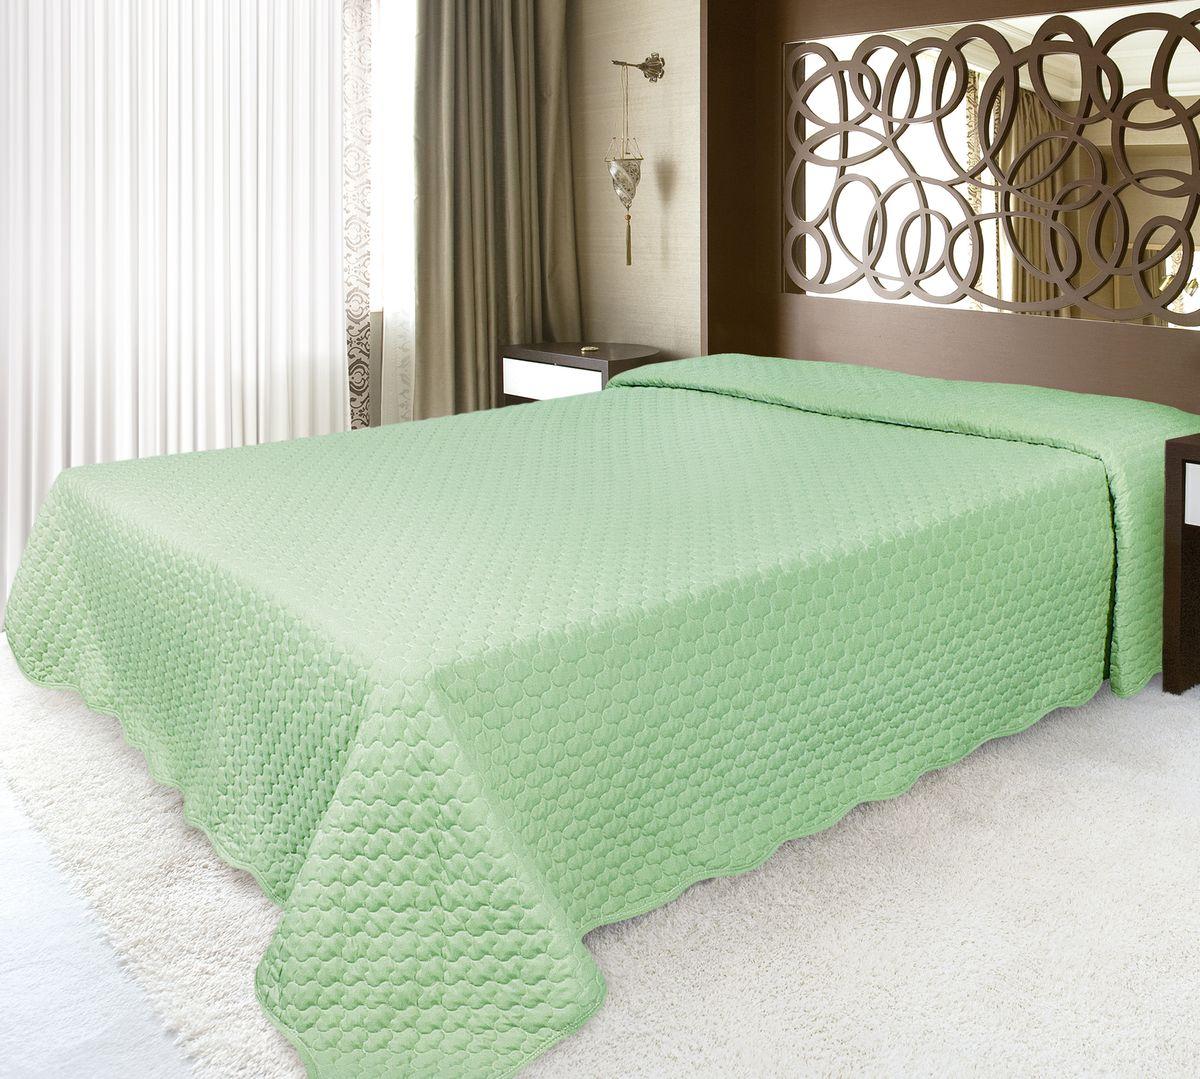 Покрывало Волшебная ночь 220 х 240 см, зеленый192867Волшебная ночь ПОКРЫВАЛО 220/240,ткань верха - МИКРОФИБРА, полиэстер 100%, наполнитель - полиэстер 100%, Зеленый Покрывала Волшебная ночь из микрофибры - подходят для любого интерьера, выполнены в приятных пастельных тонах, не мнутся, отлично драпируются и держат форму, не электризуются, обладают мягкой и бархатистой фактурой